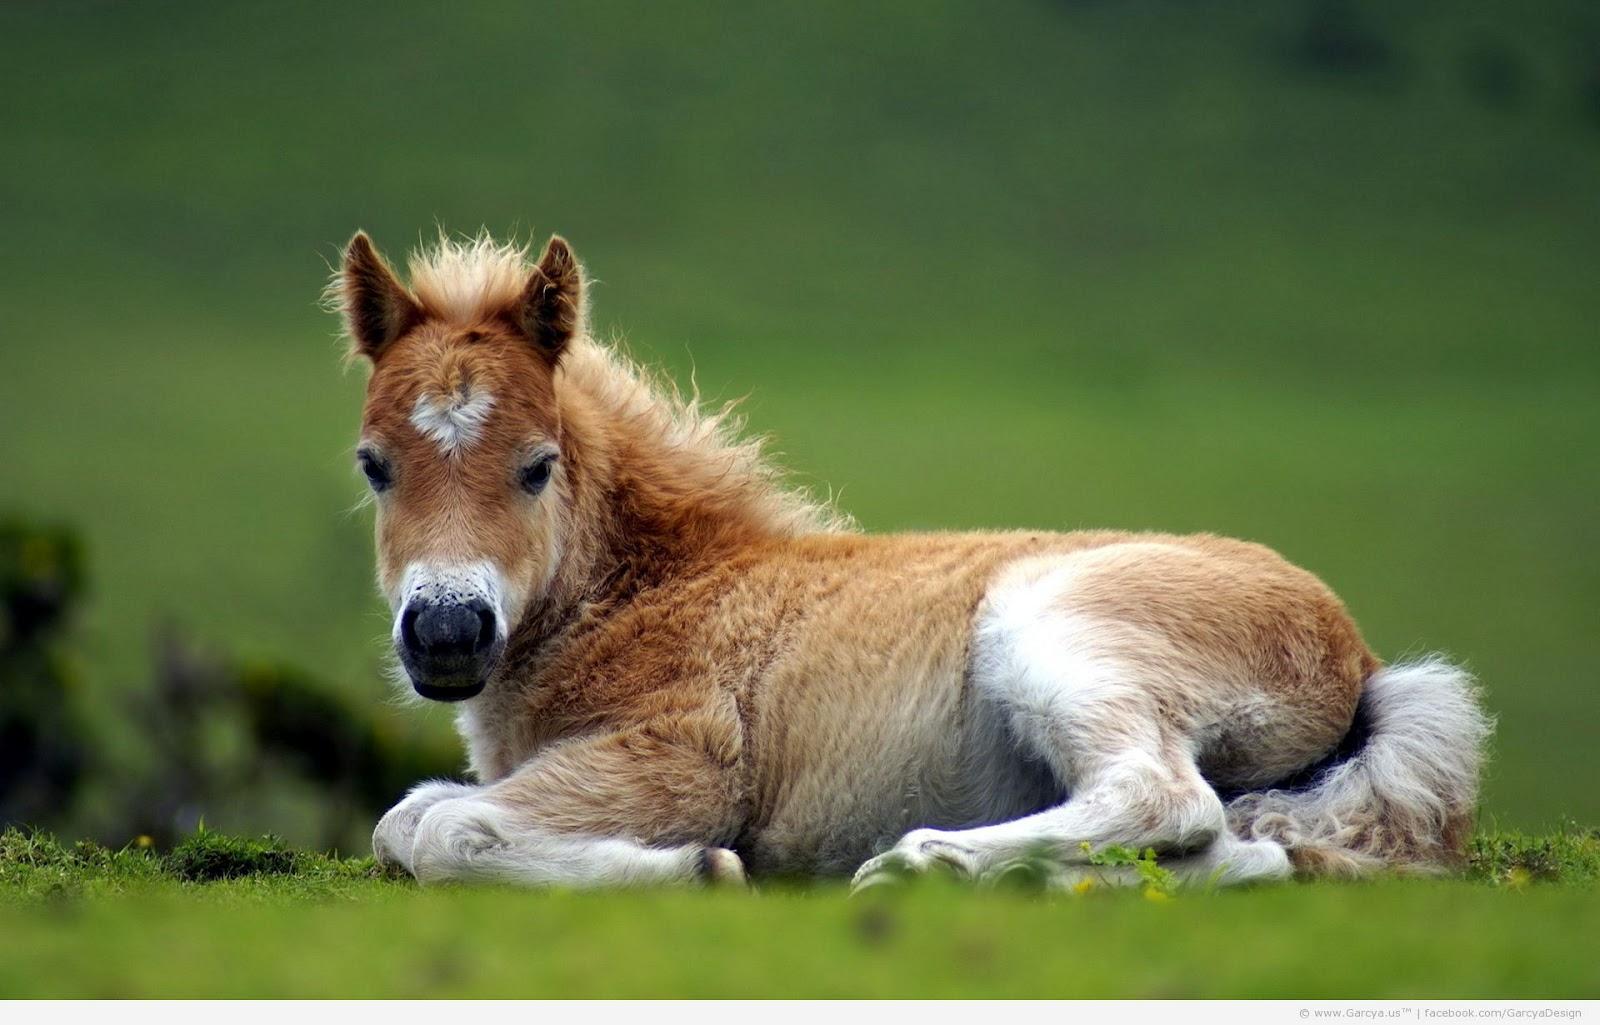 Gambar Anak Kuda Unik, Aneh, Lucu, Dan Imut Banget